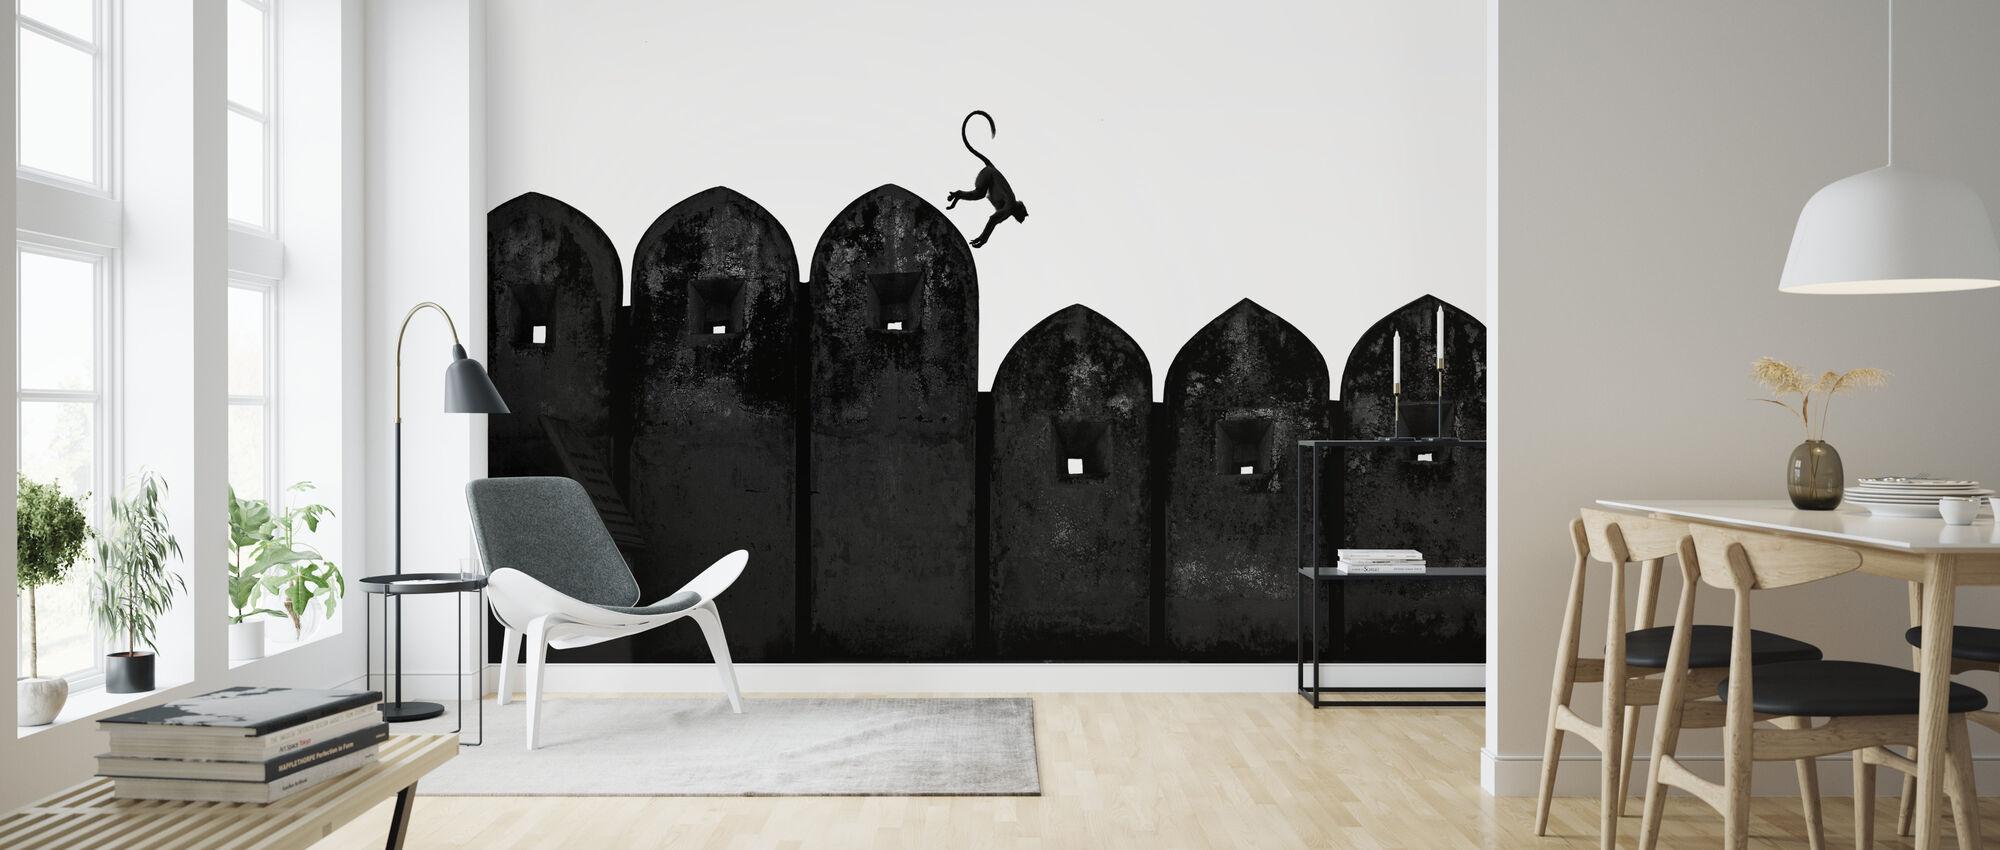 Monkey - Wallpaper - Living Room